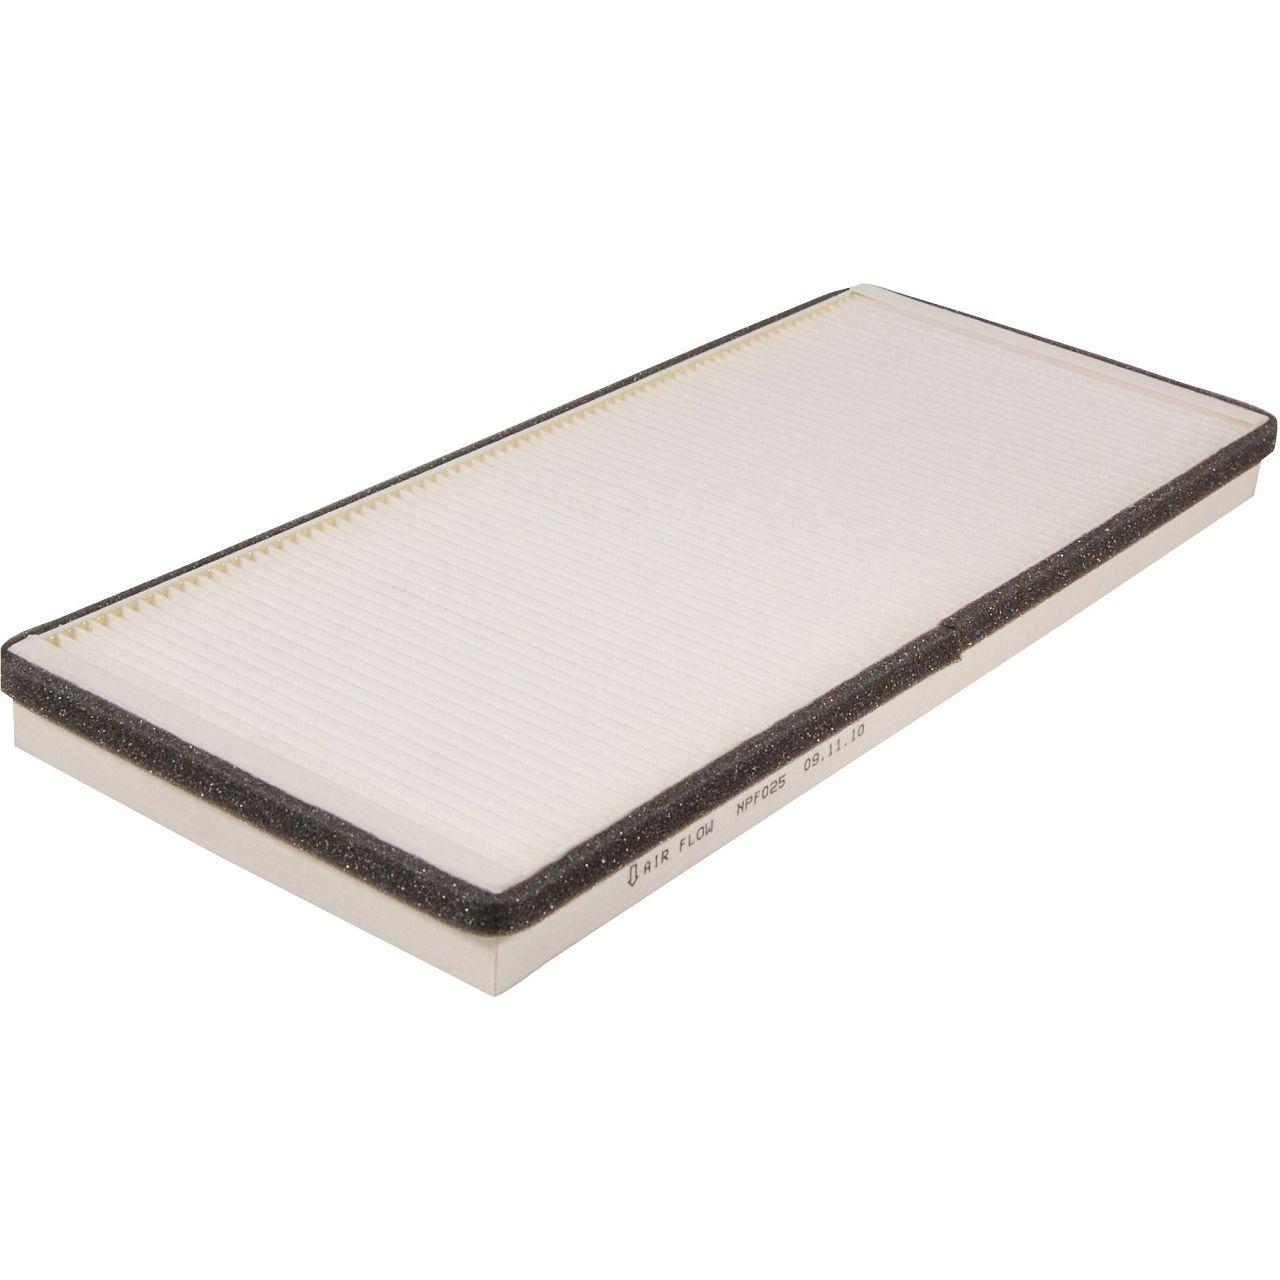 Inspektionskit Filterpaket 4-tlg VW LT 28-35 28-46 II 2.5 SDi 2.5 TDI 75-109PS